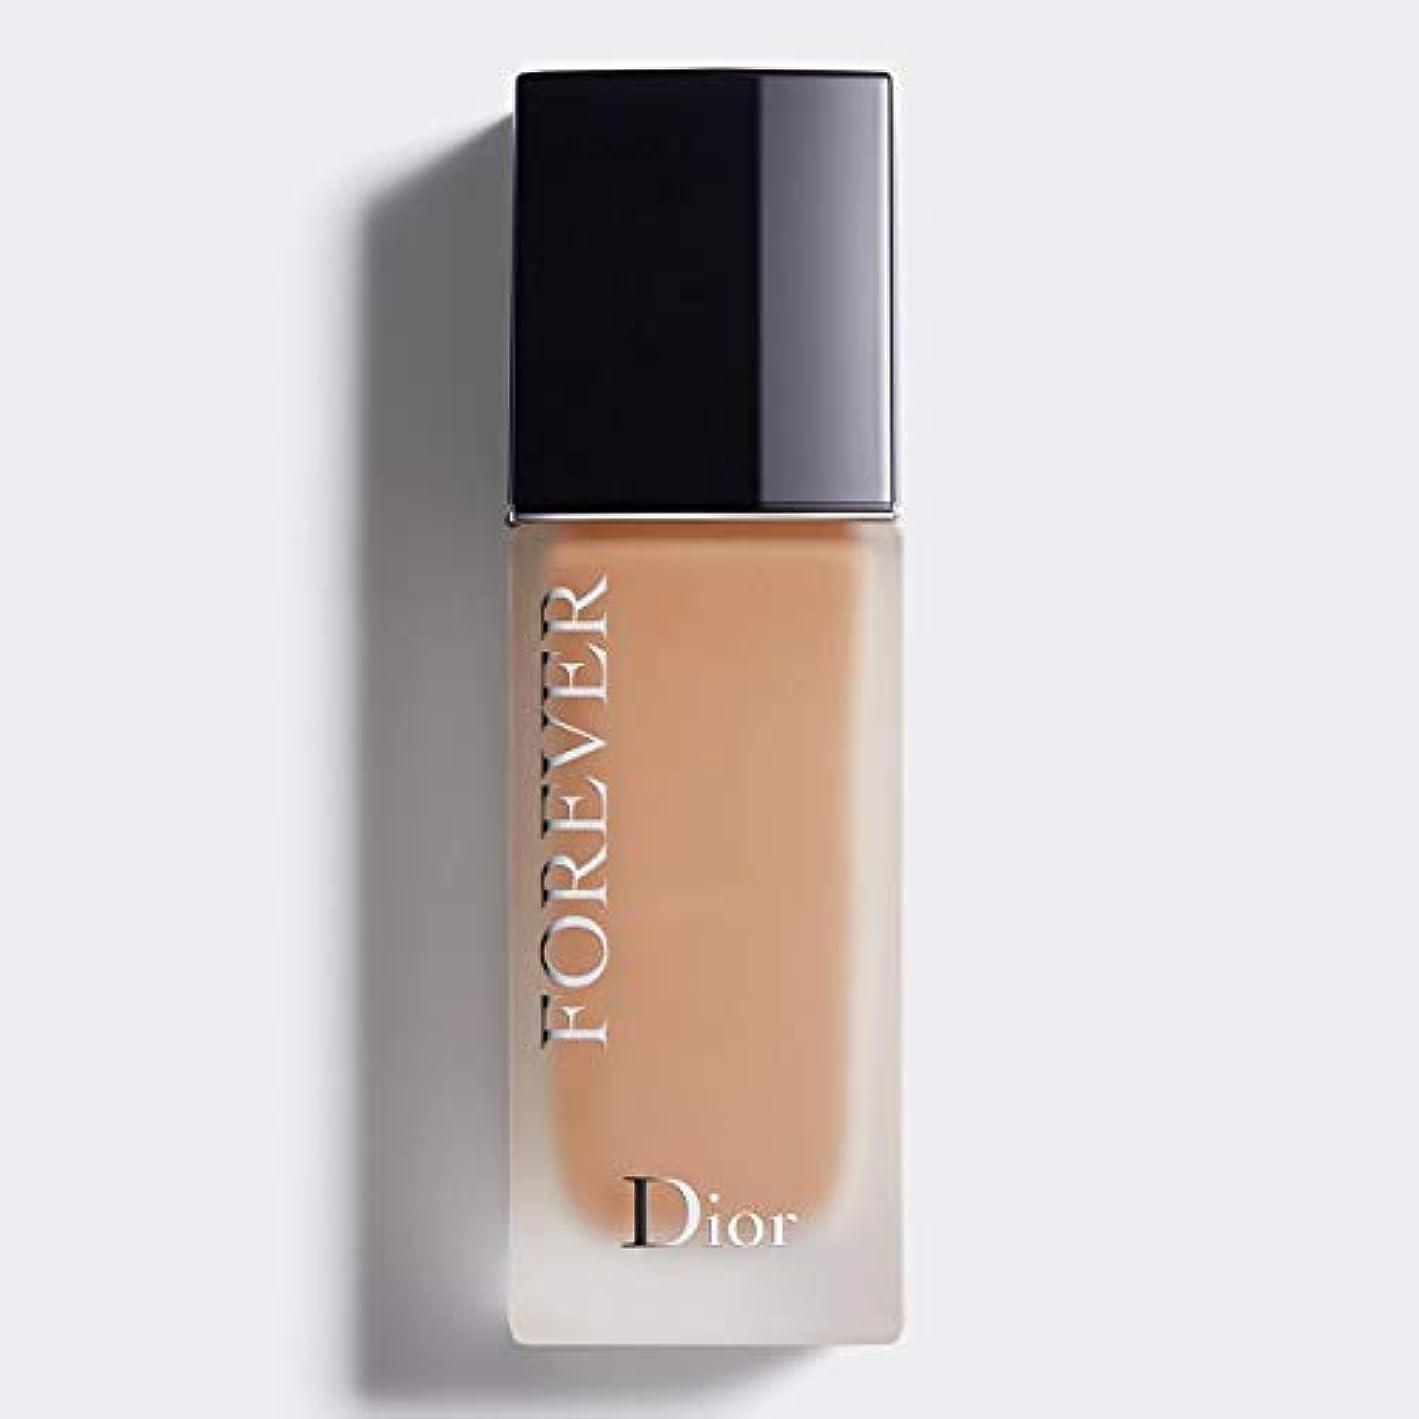 致命的な汚染する自動クリスチャンディオール Dior Forever 24H Wear High Perfection Foundation SPF 35 - # 3WP (Warm Peach) 30ml/1oz並行輸入品